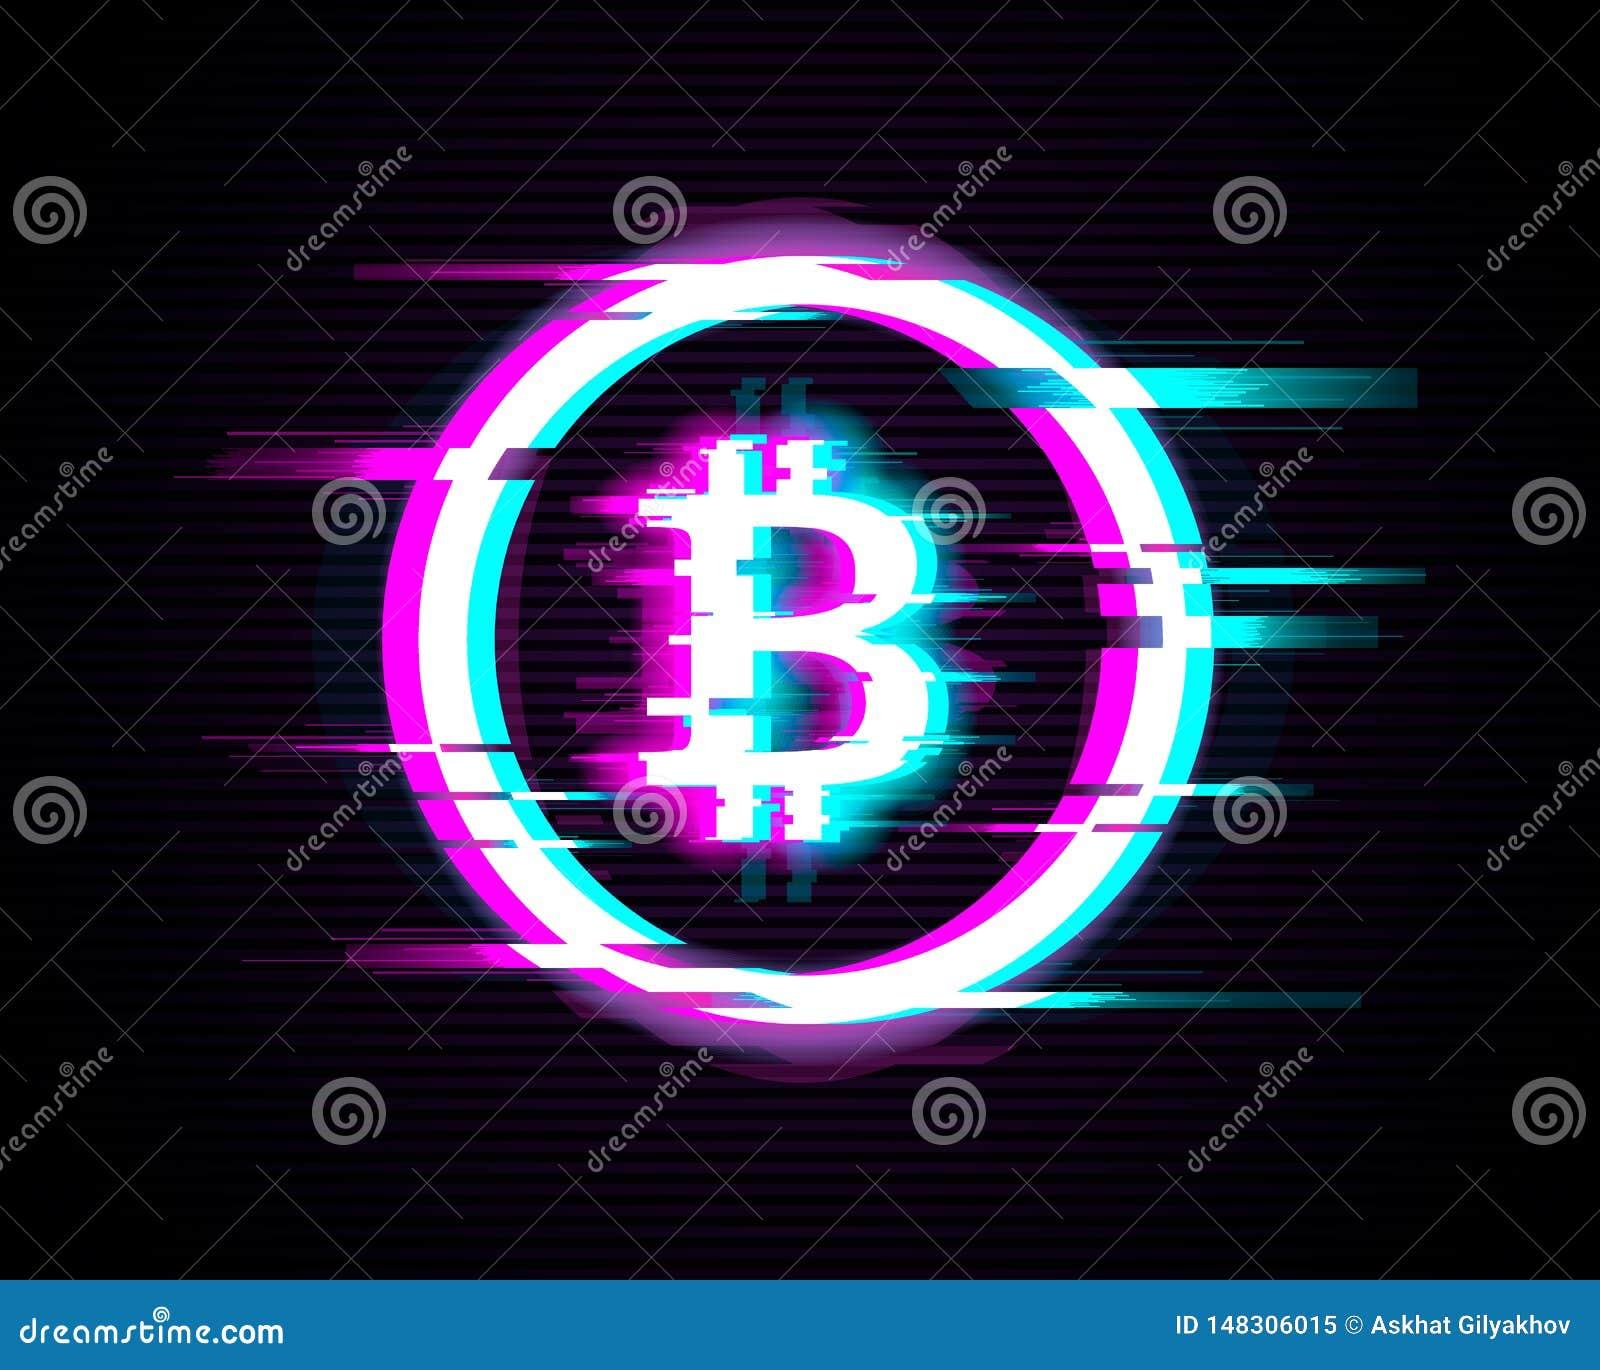 Simbolo illuminato di Bitcoin con effetto di impulso errato su fondo moderno